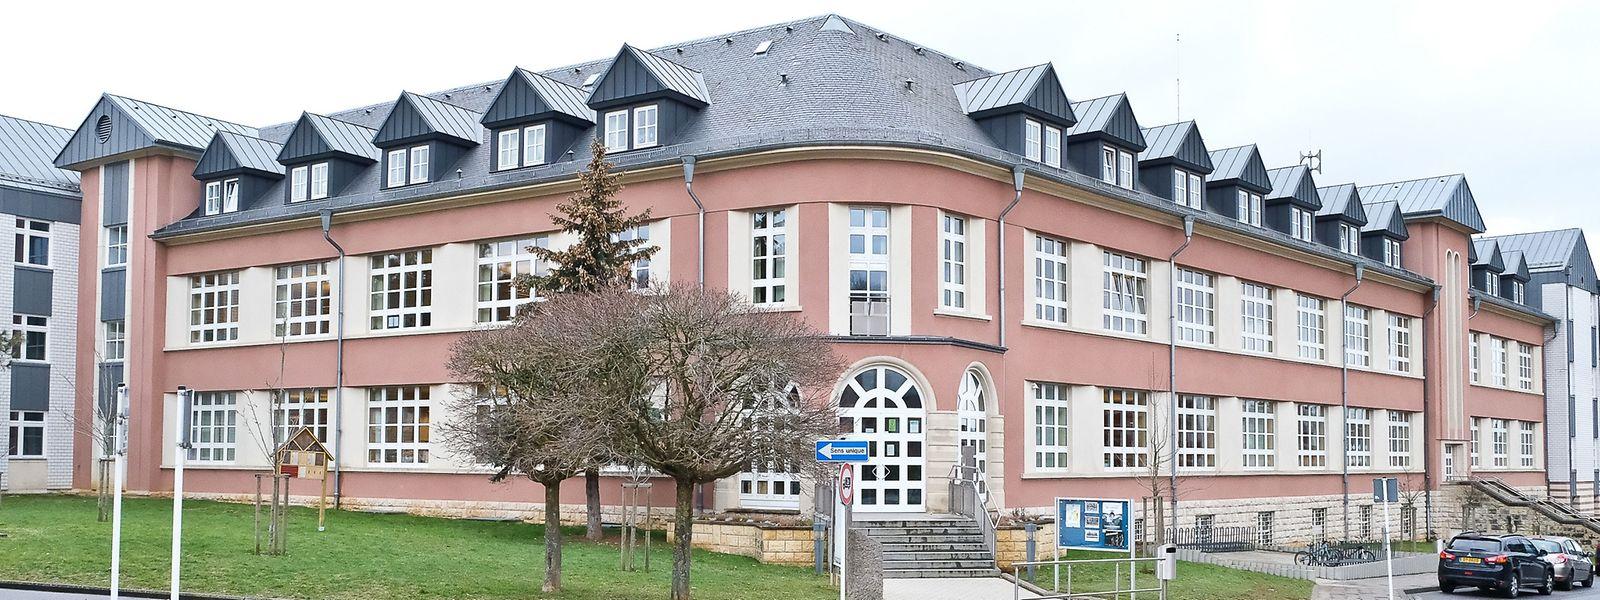 L'école Albert Wingert de Schifflange